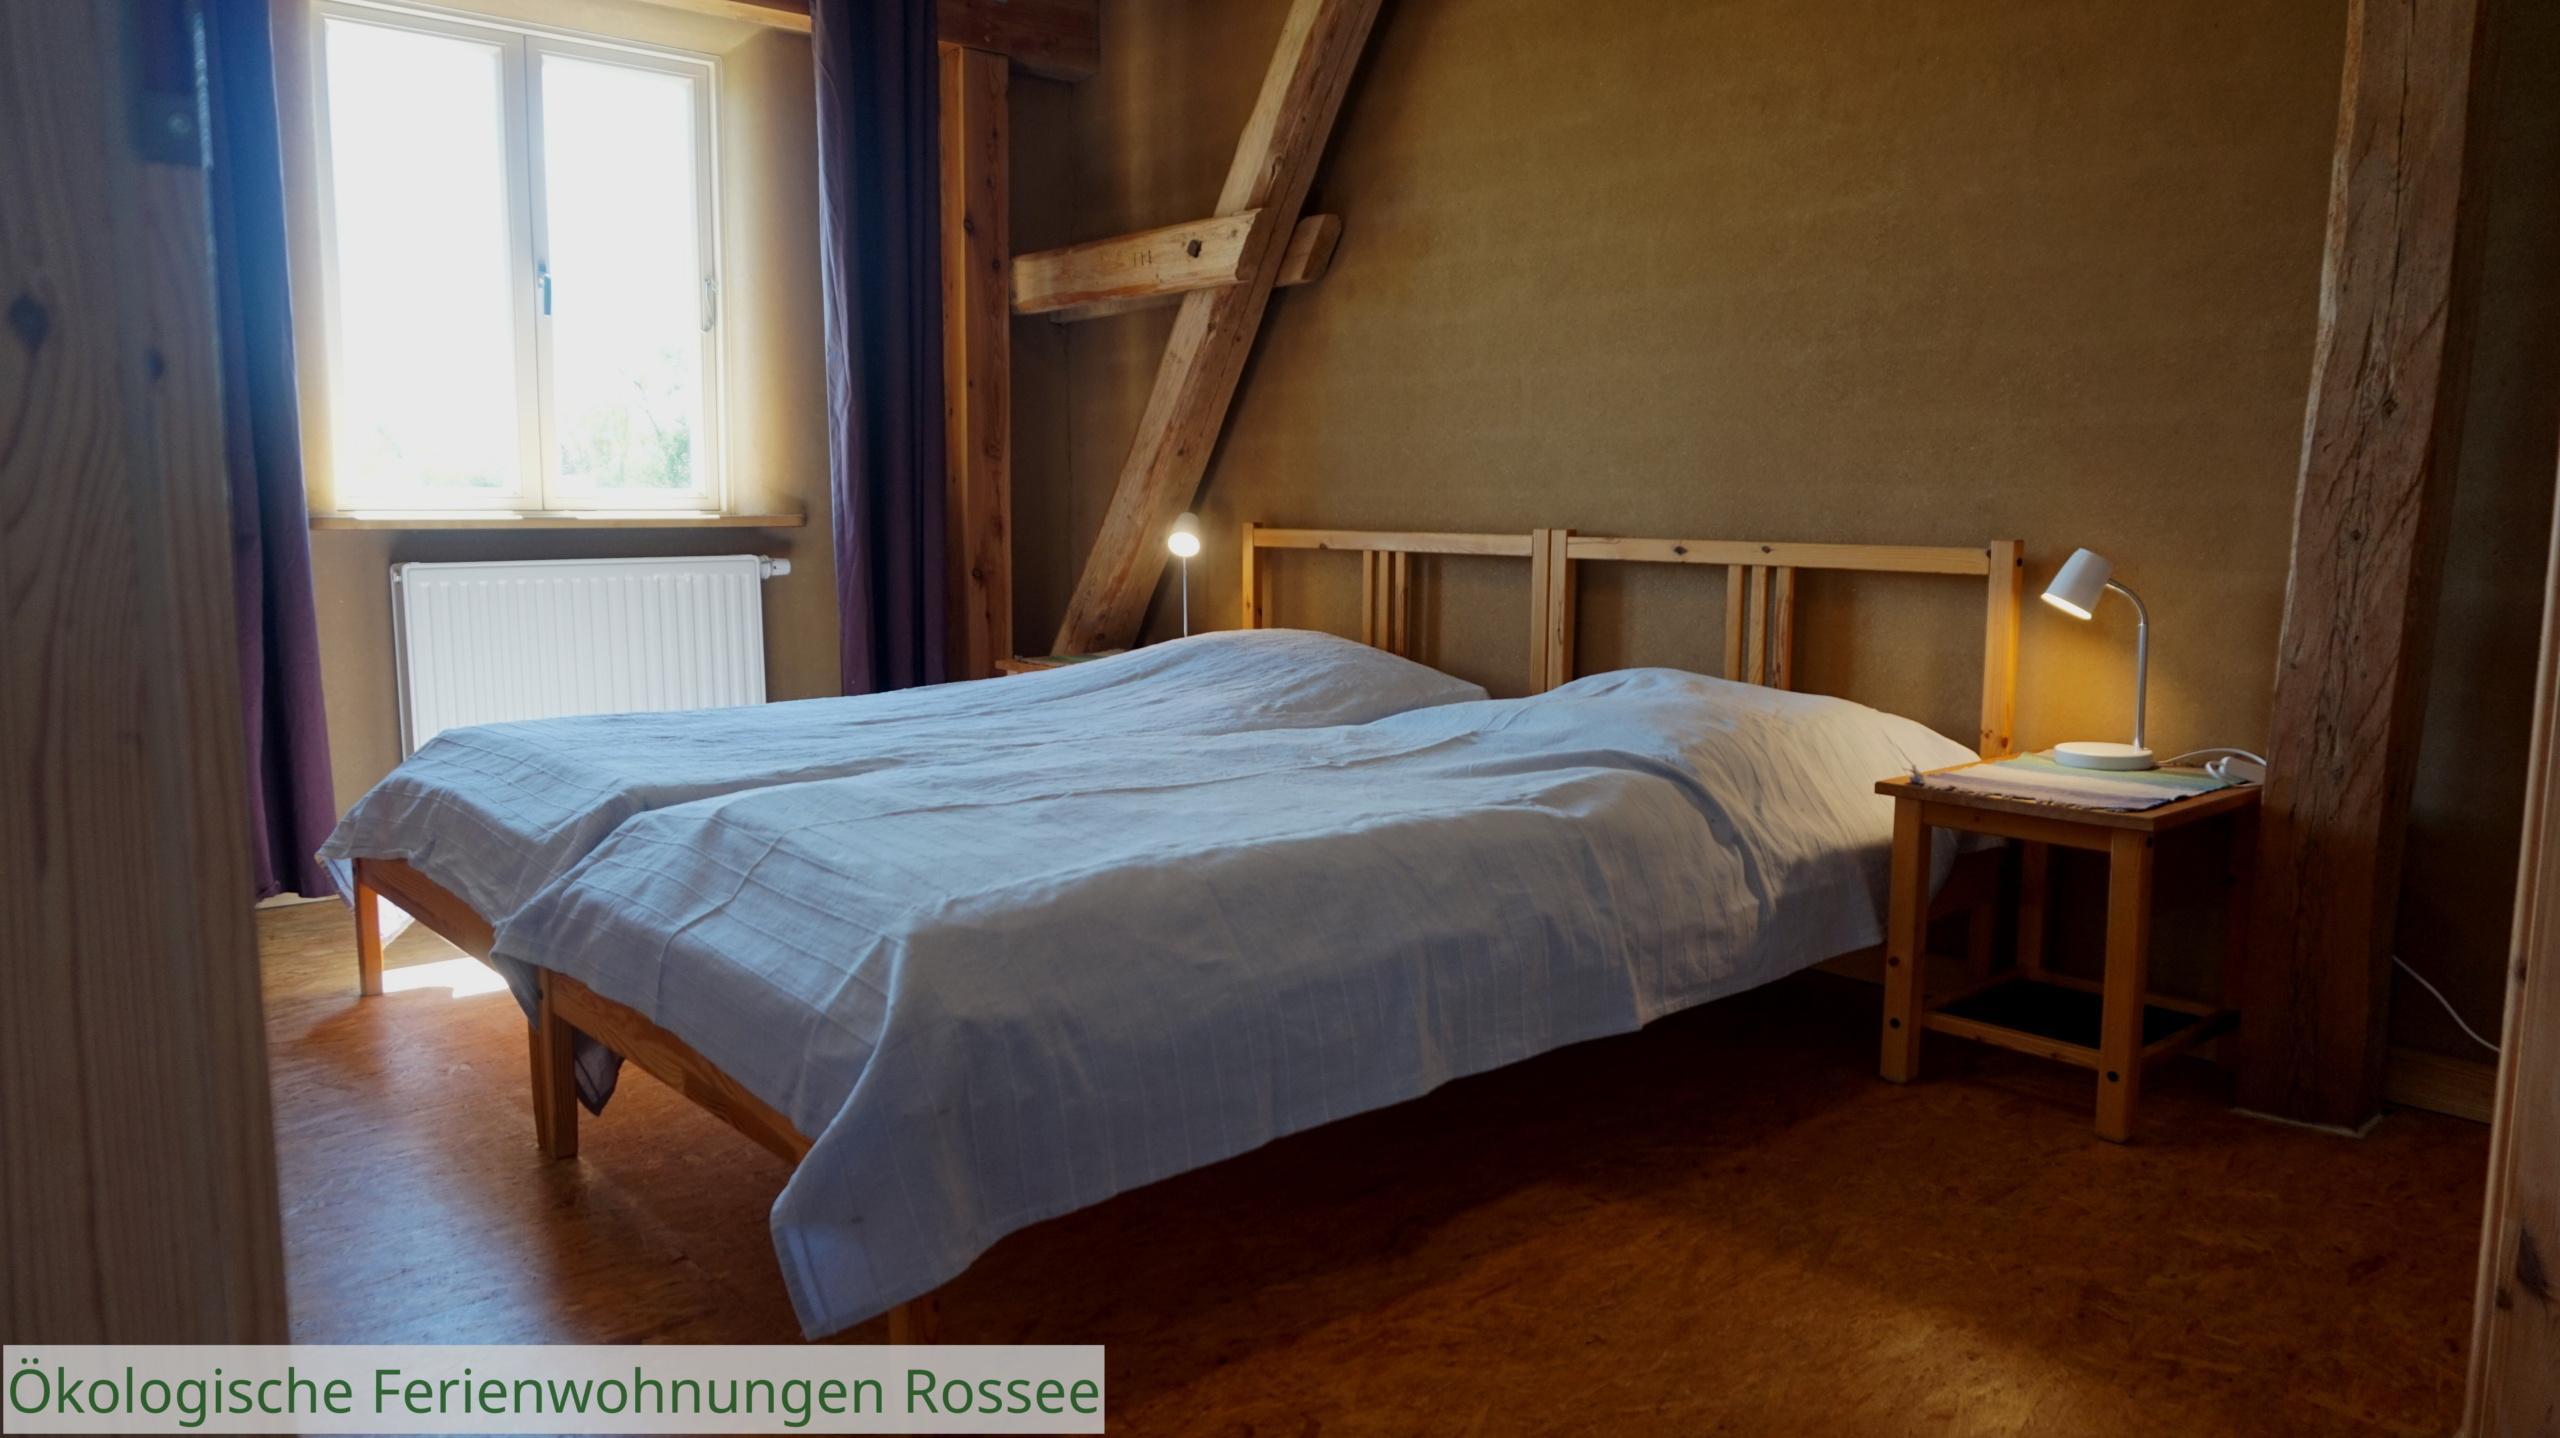 Schlafzimmer 1 2 Betten nebeneinander